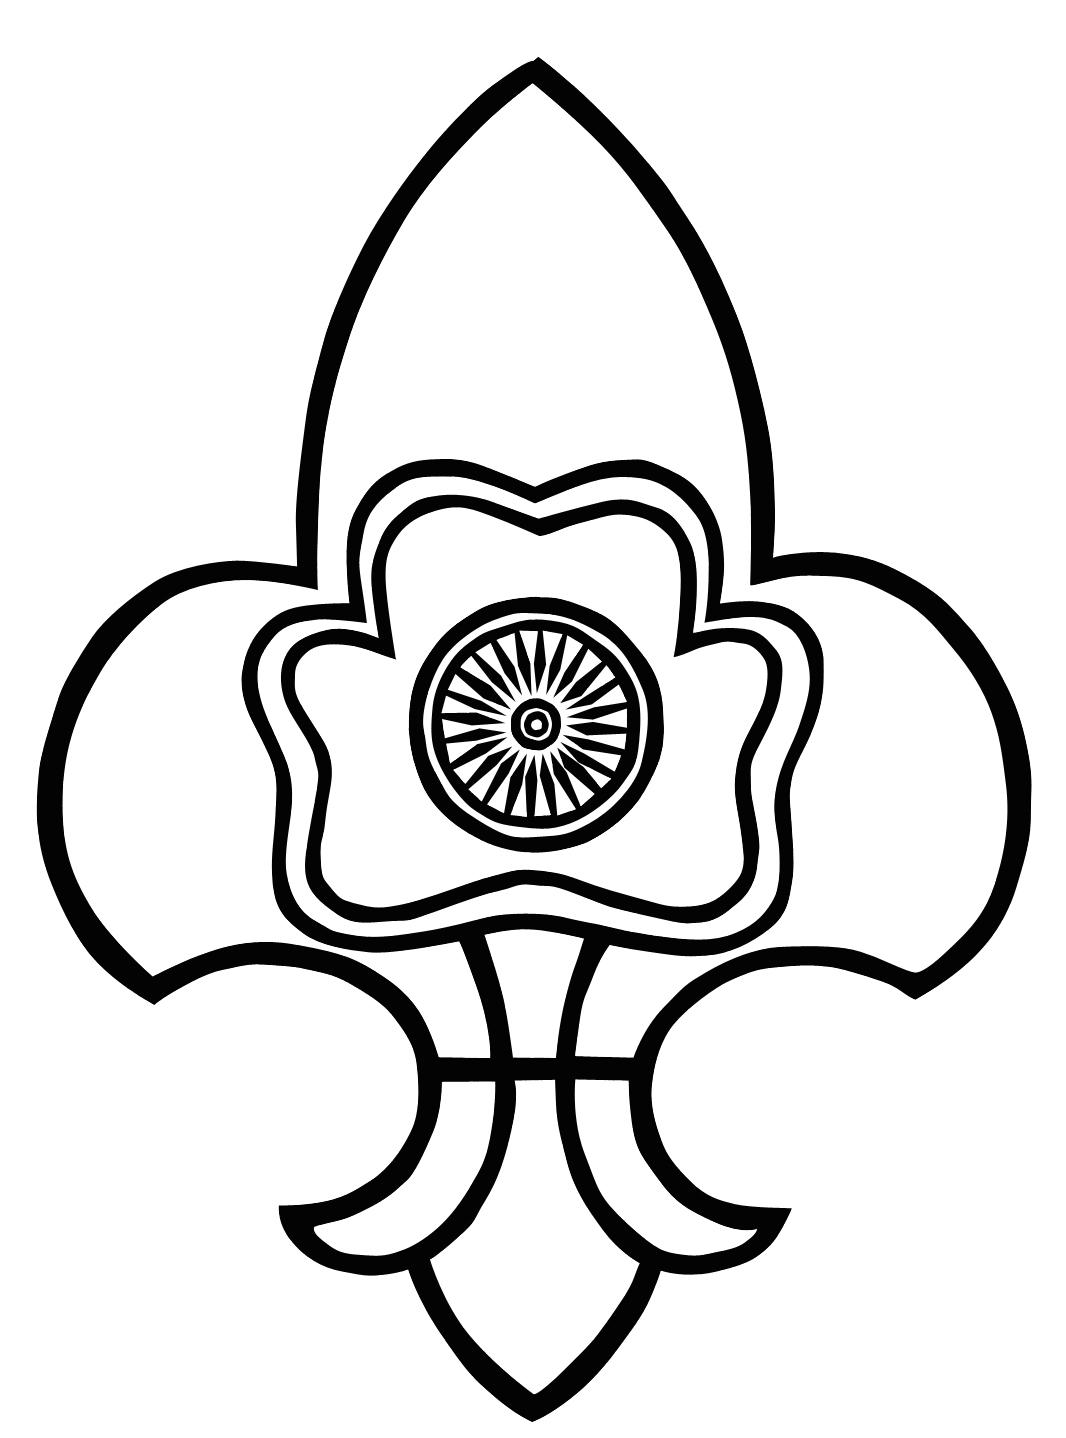 1066x1438 Bharat Scouts Amp Guides In Kendriya Vidyalaya Scouting In Kvs